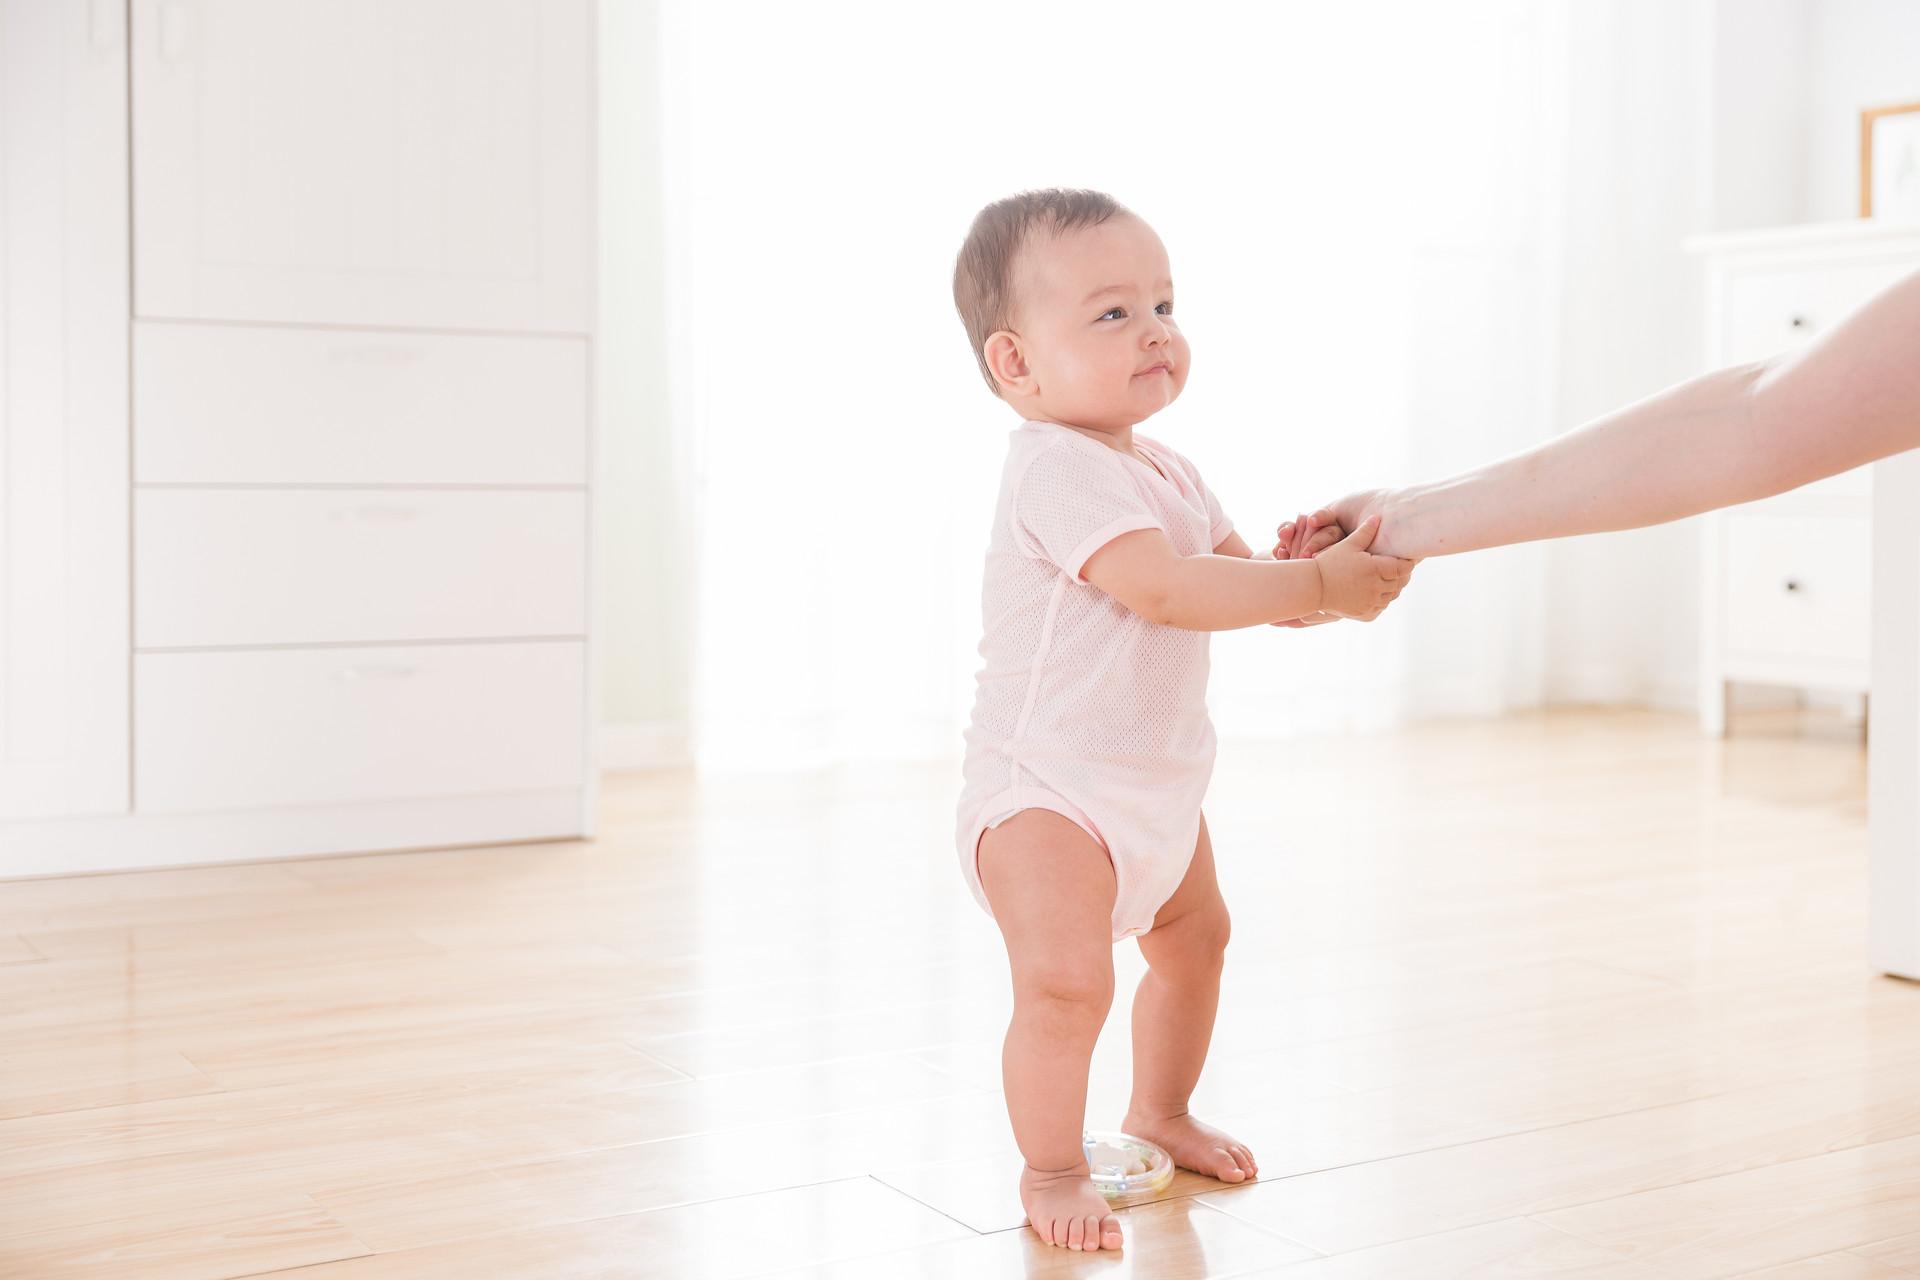 佛山育婴师技能培训学校费用多少